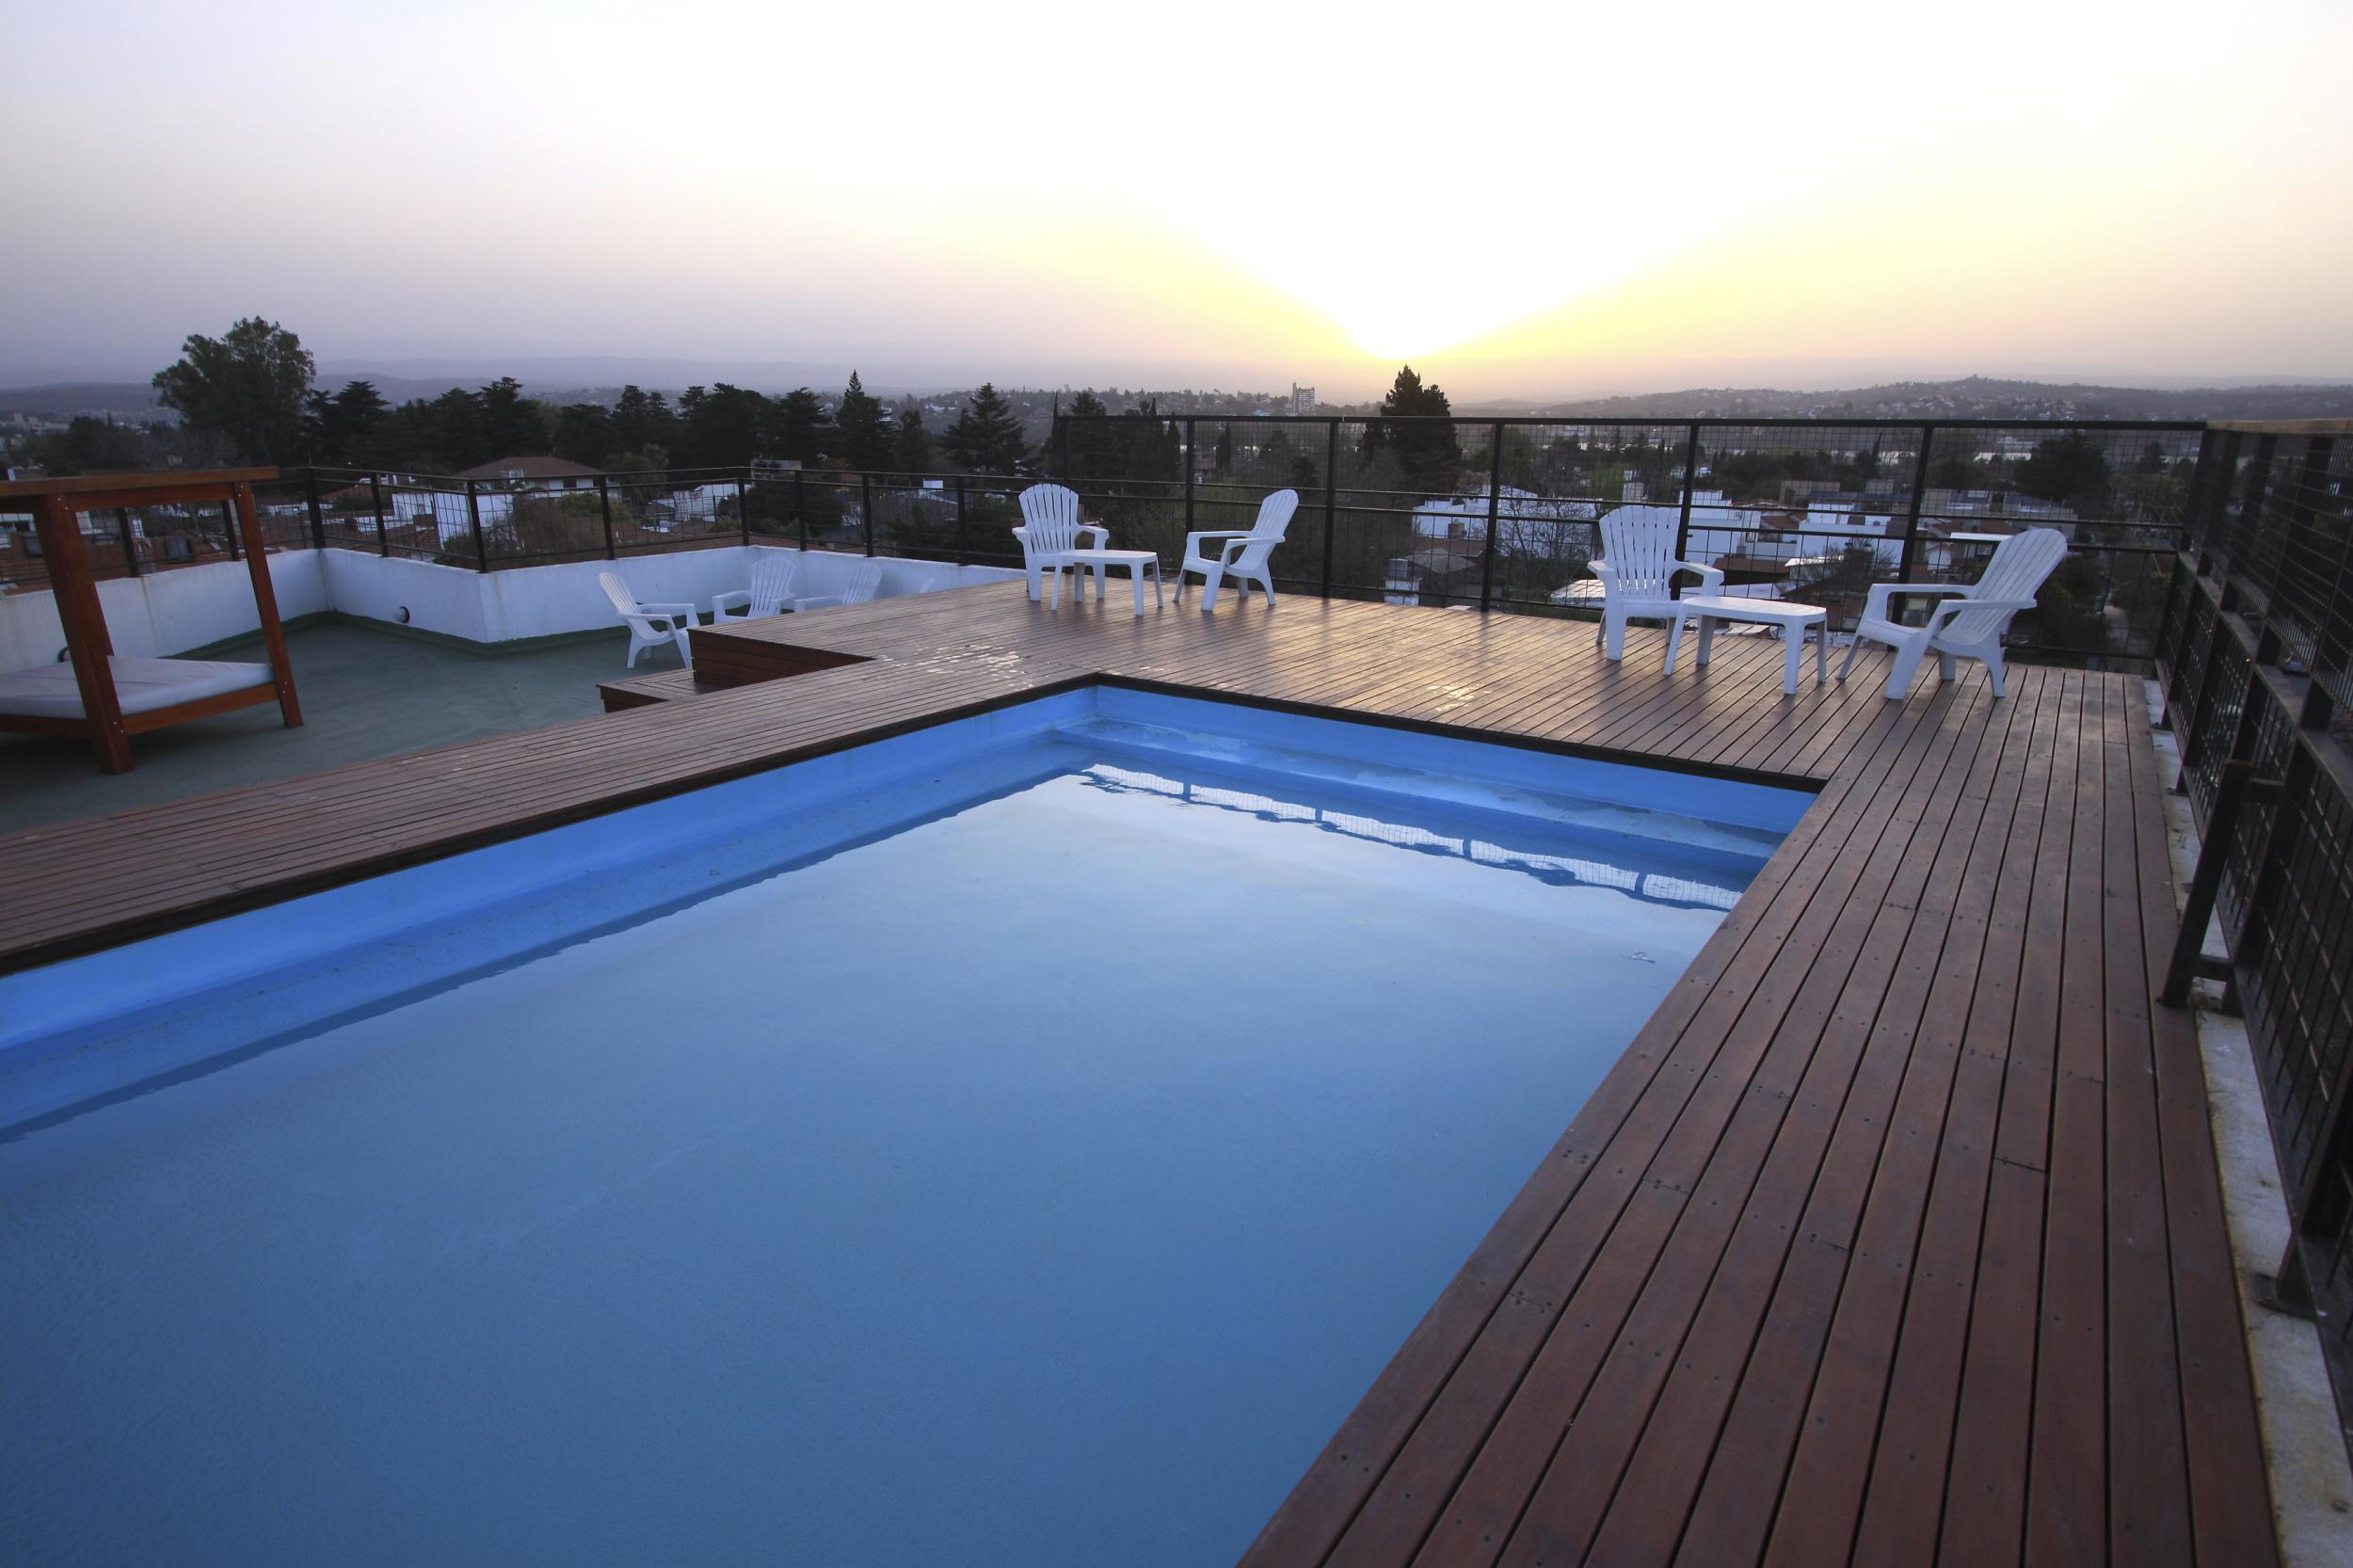 http://www.hotelsierralago.com.ar/wp-content/uploads//2018/11/IMG_886901.jpg